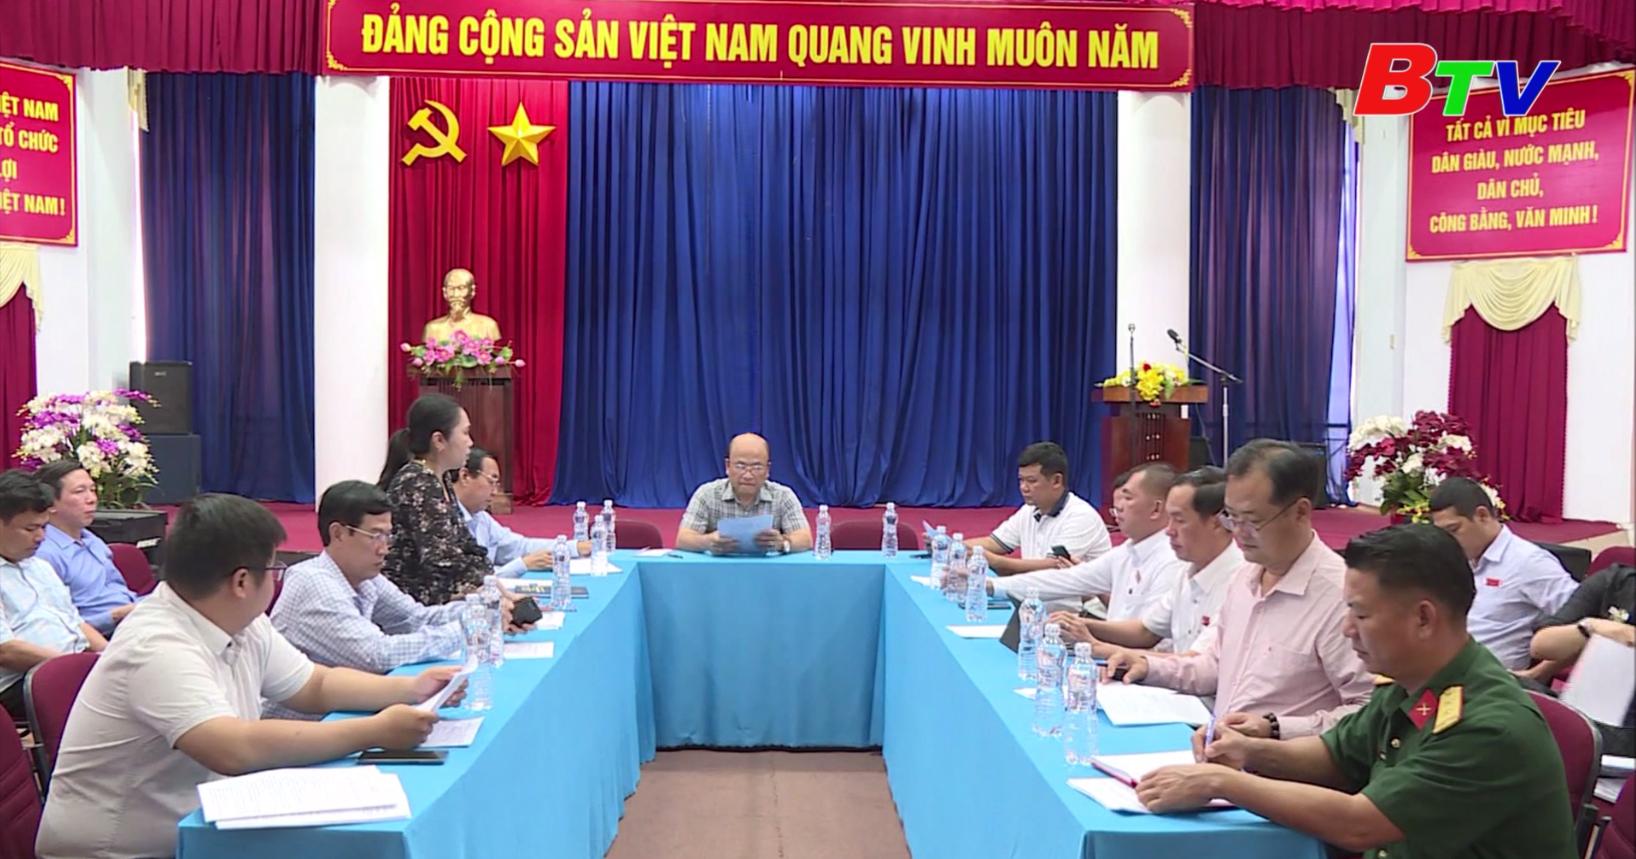 Chuẩn bị tổ chức Giải Việt dã lần thứ XXII năm 2021